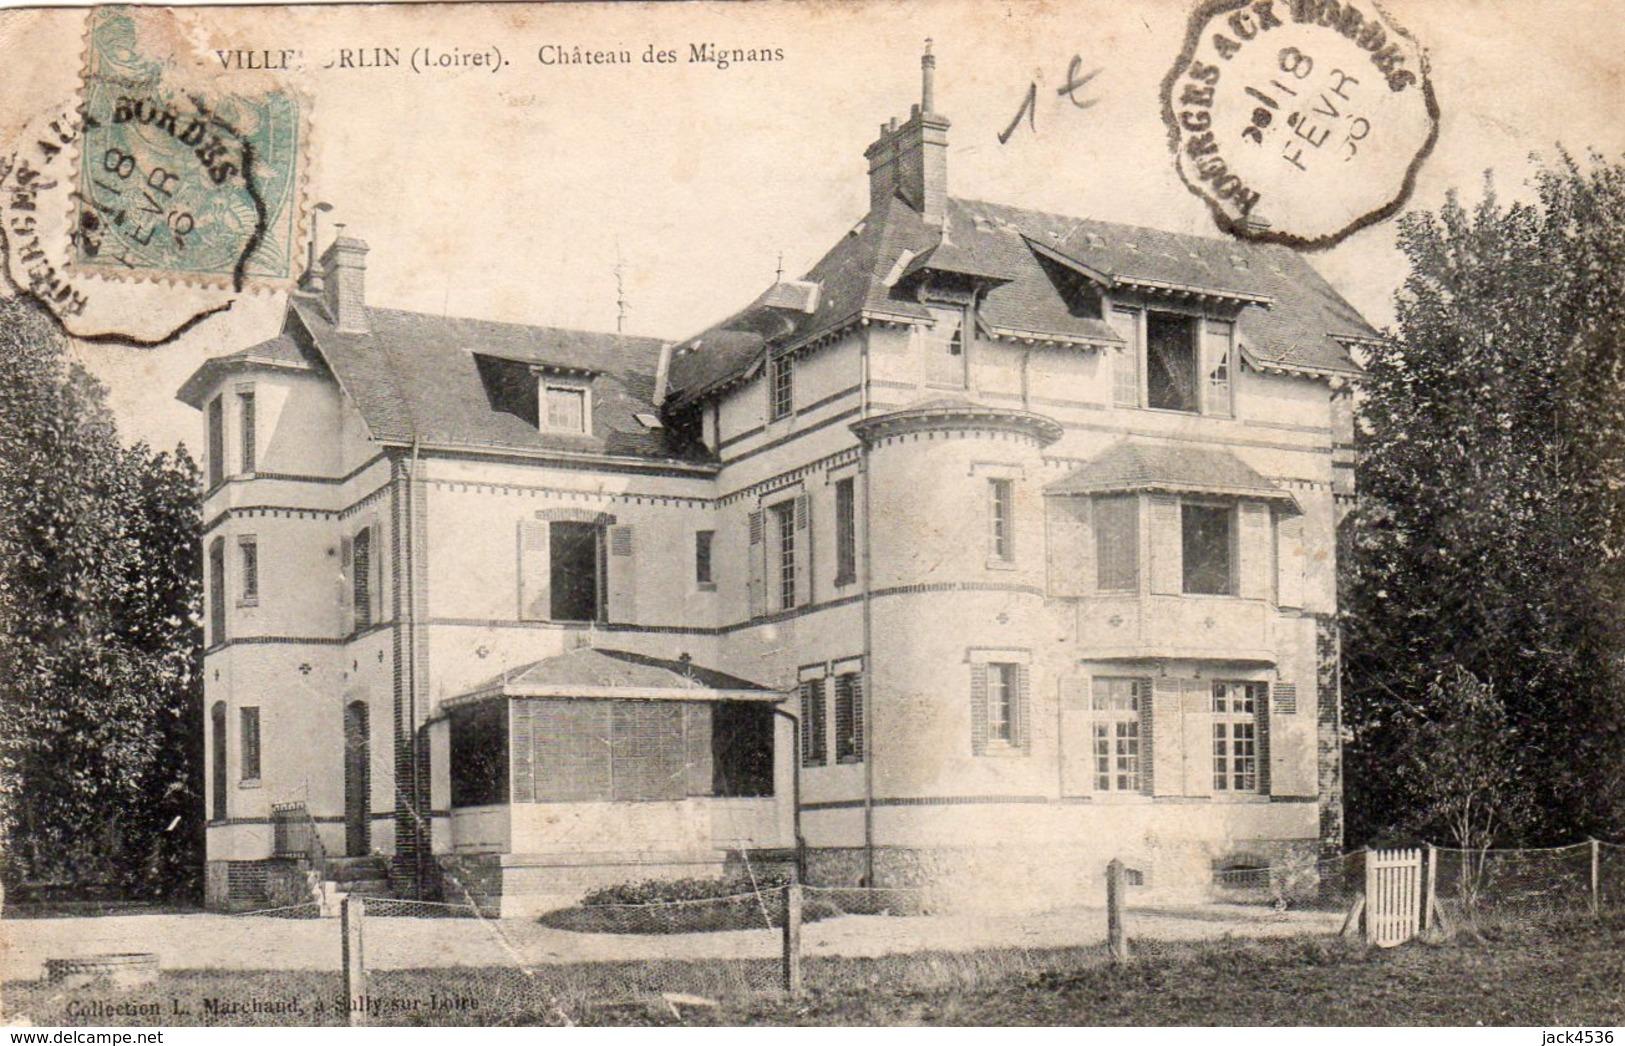 Carte Postale Ancienne - Circulé - Dép. 45 - VILLEMURLIN - Chateau Des MIGNANS - France